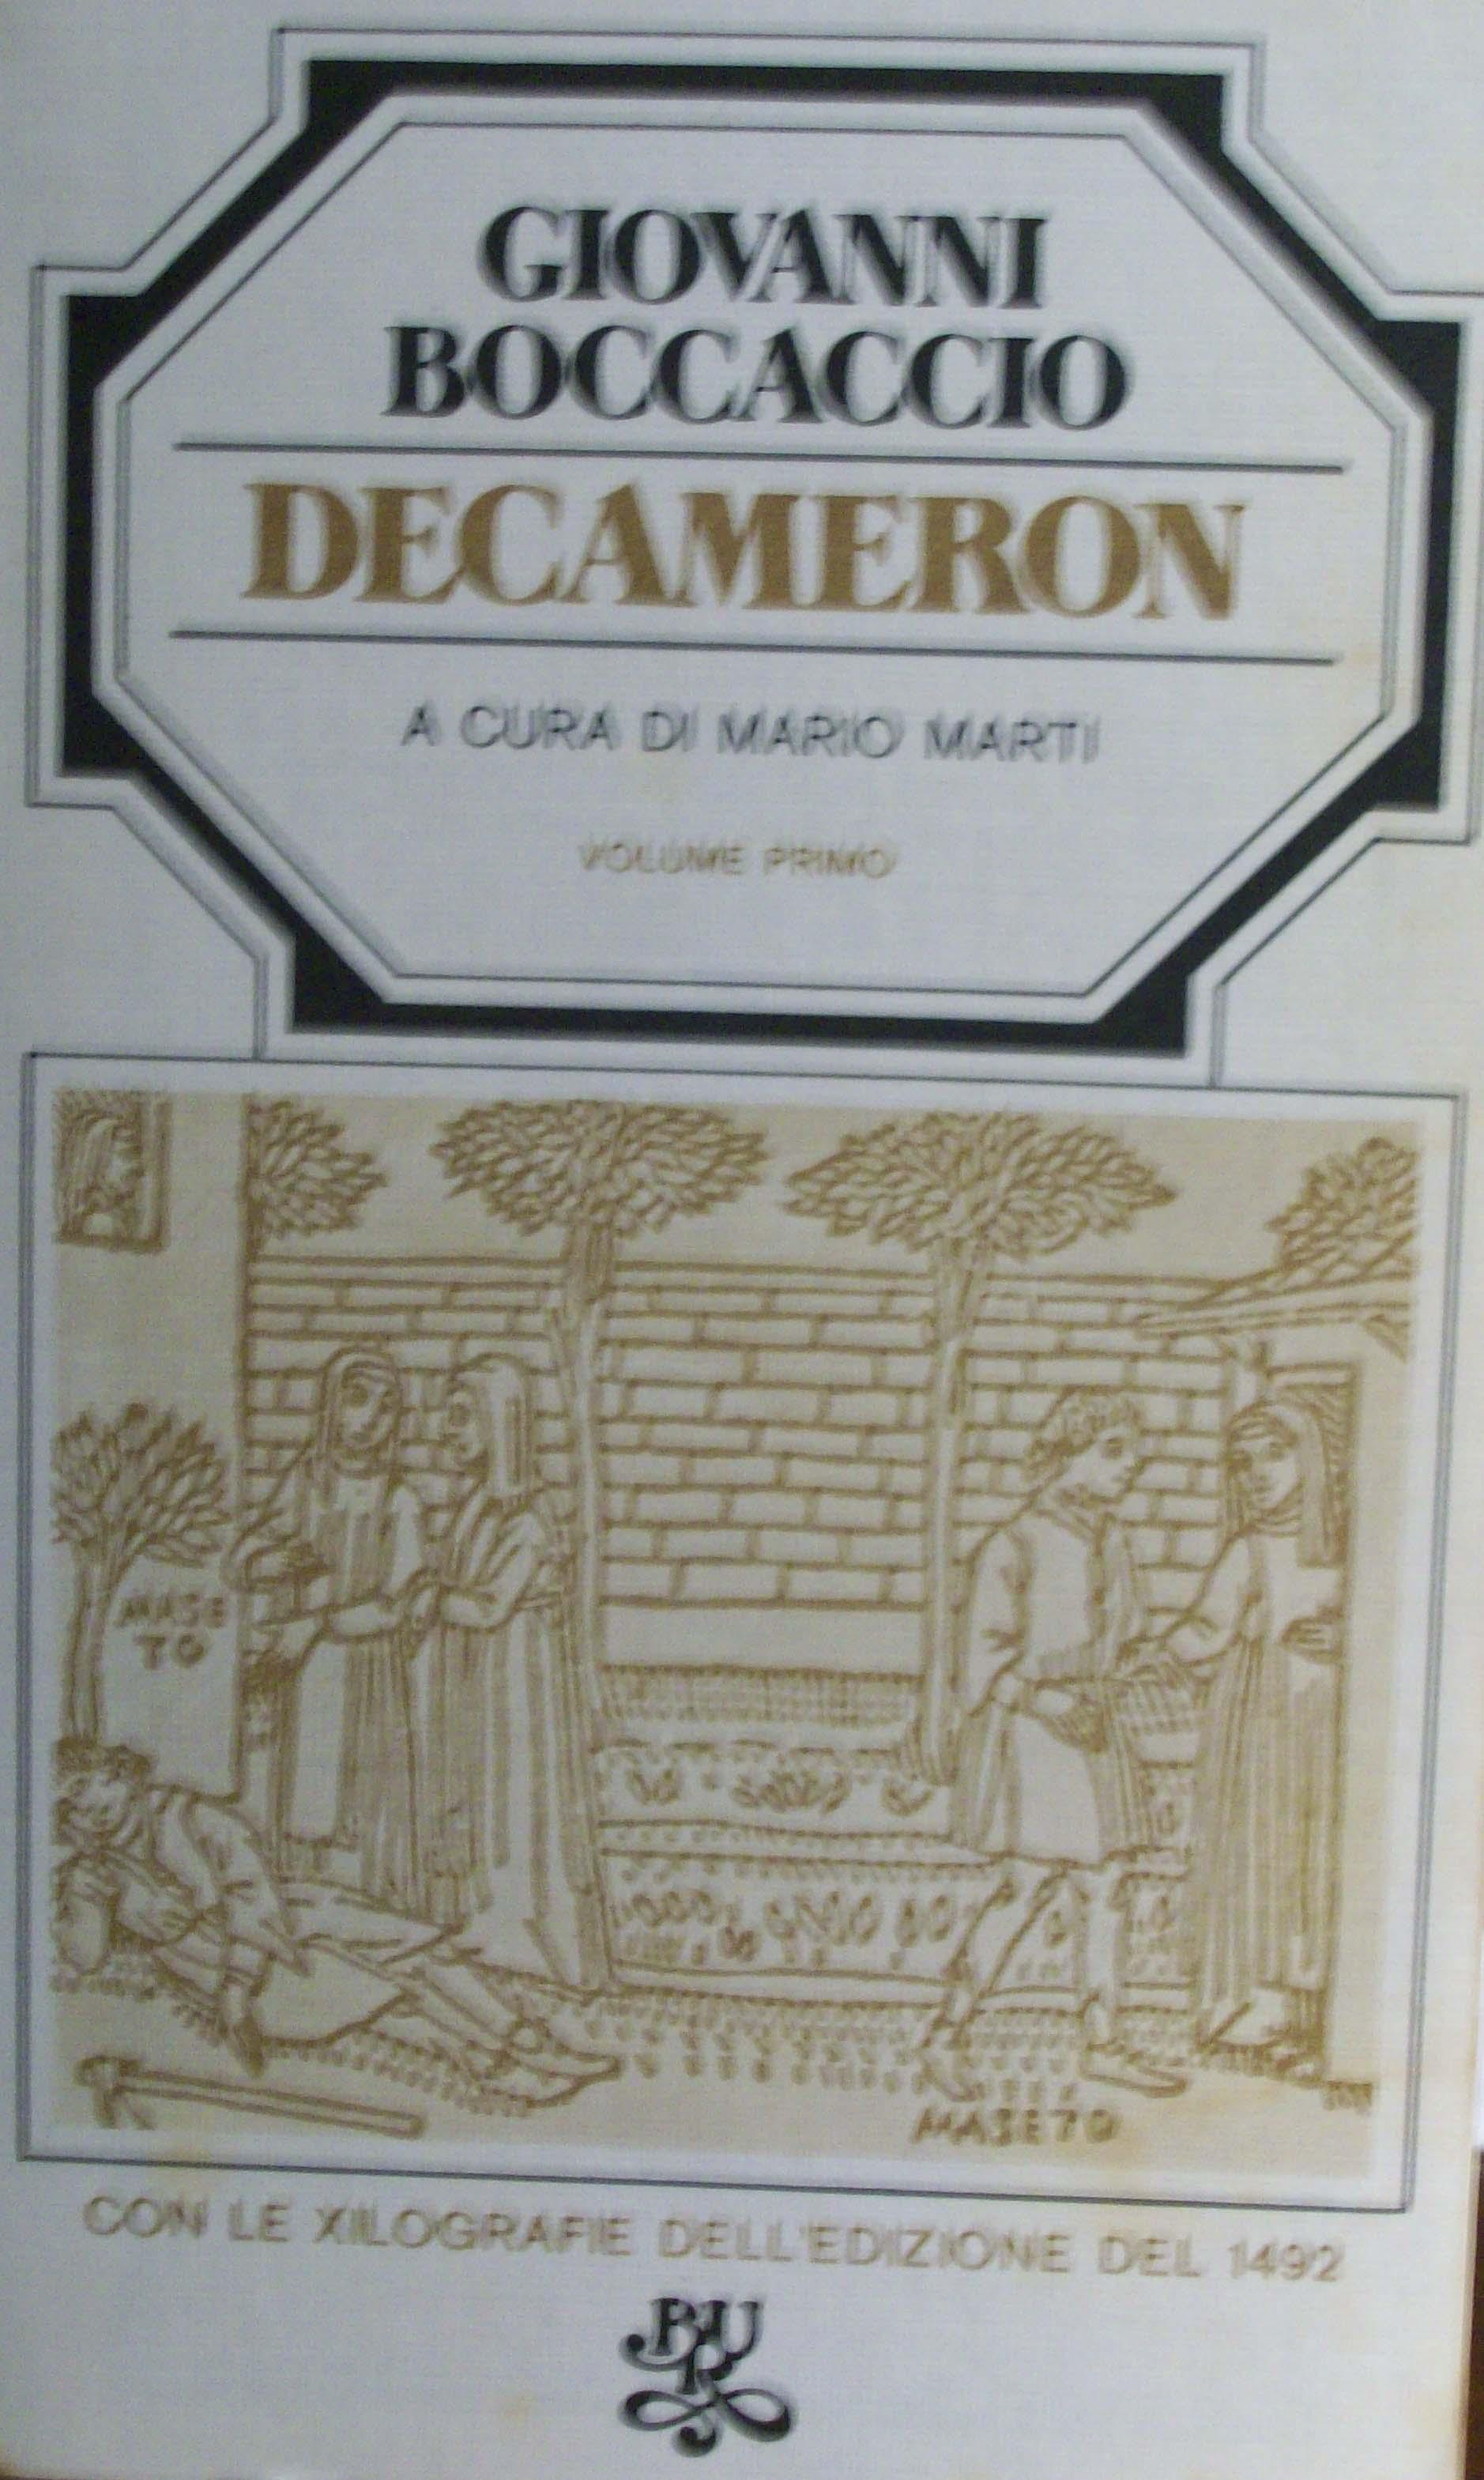 Decameron vol. I